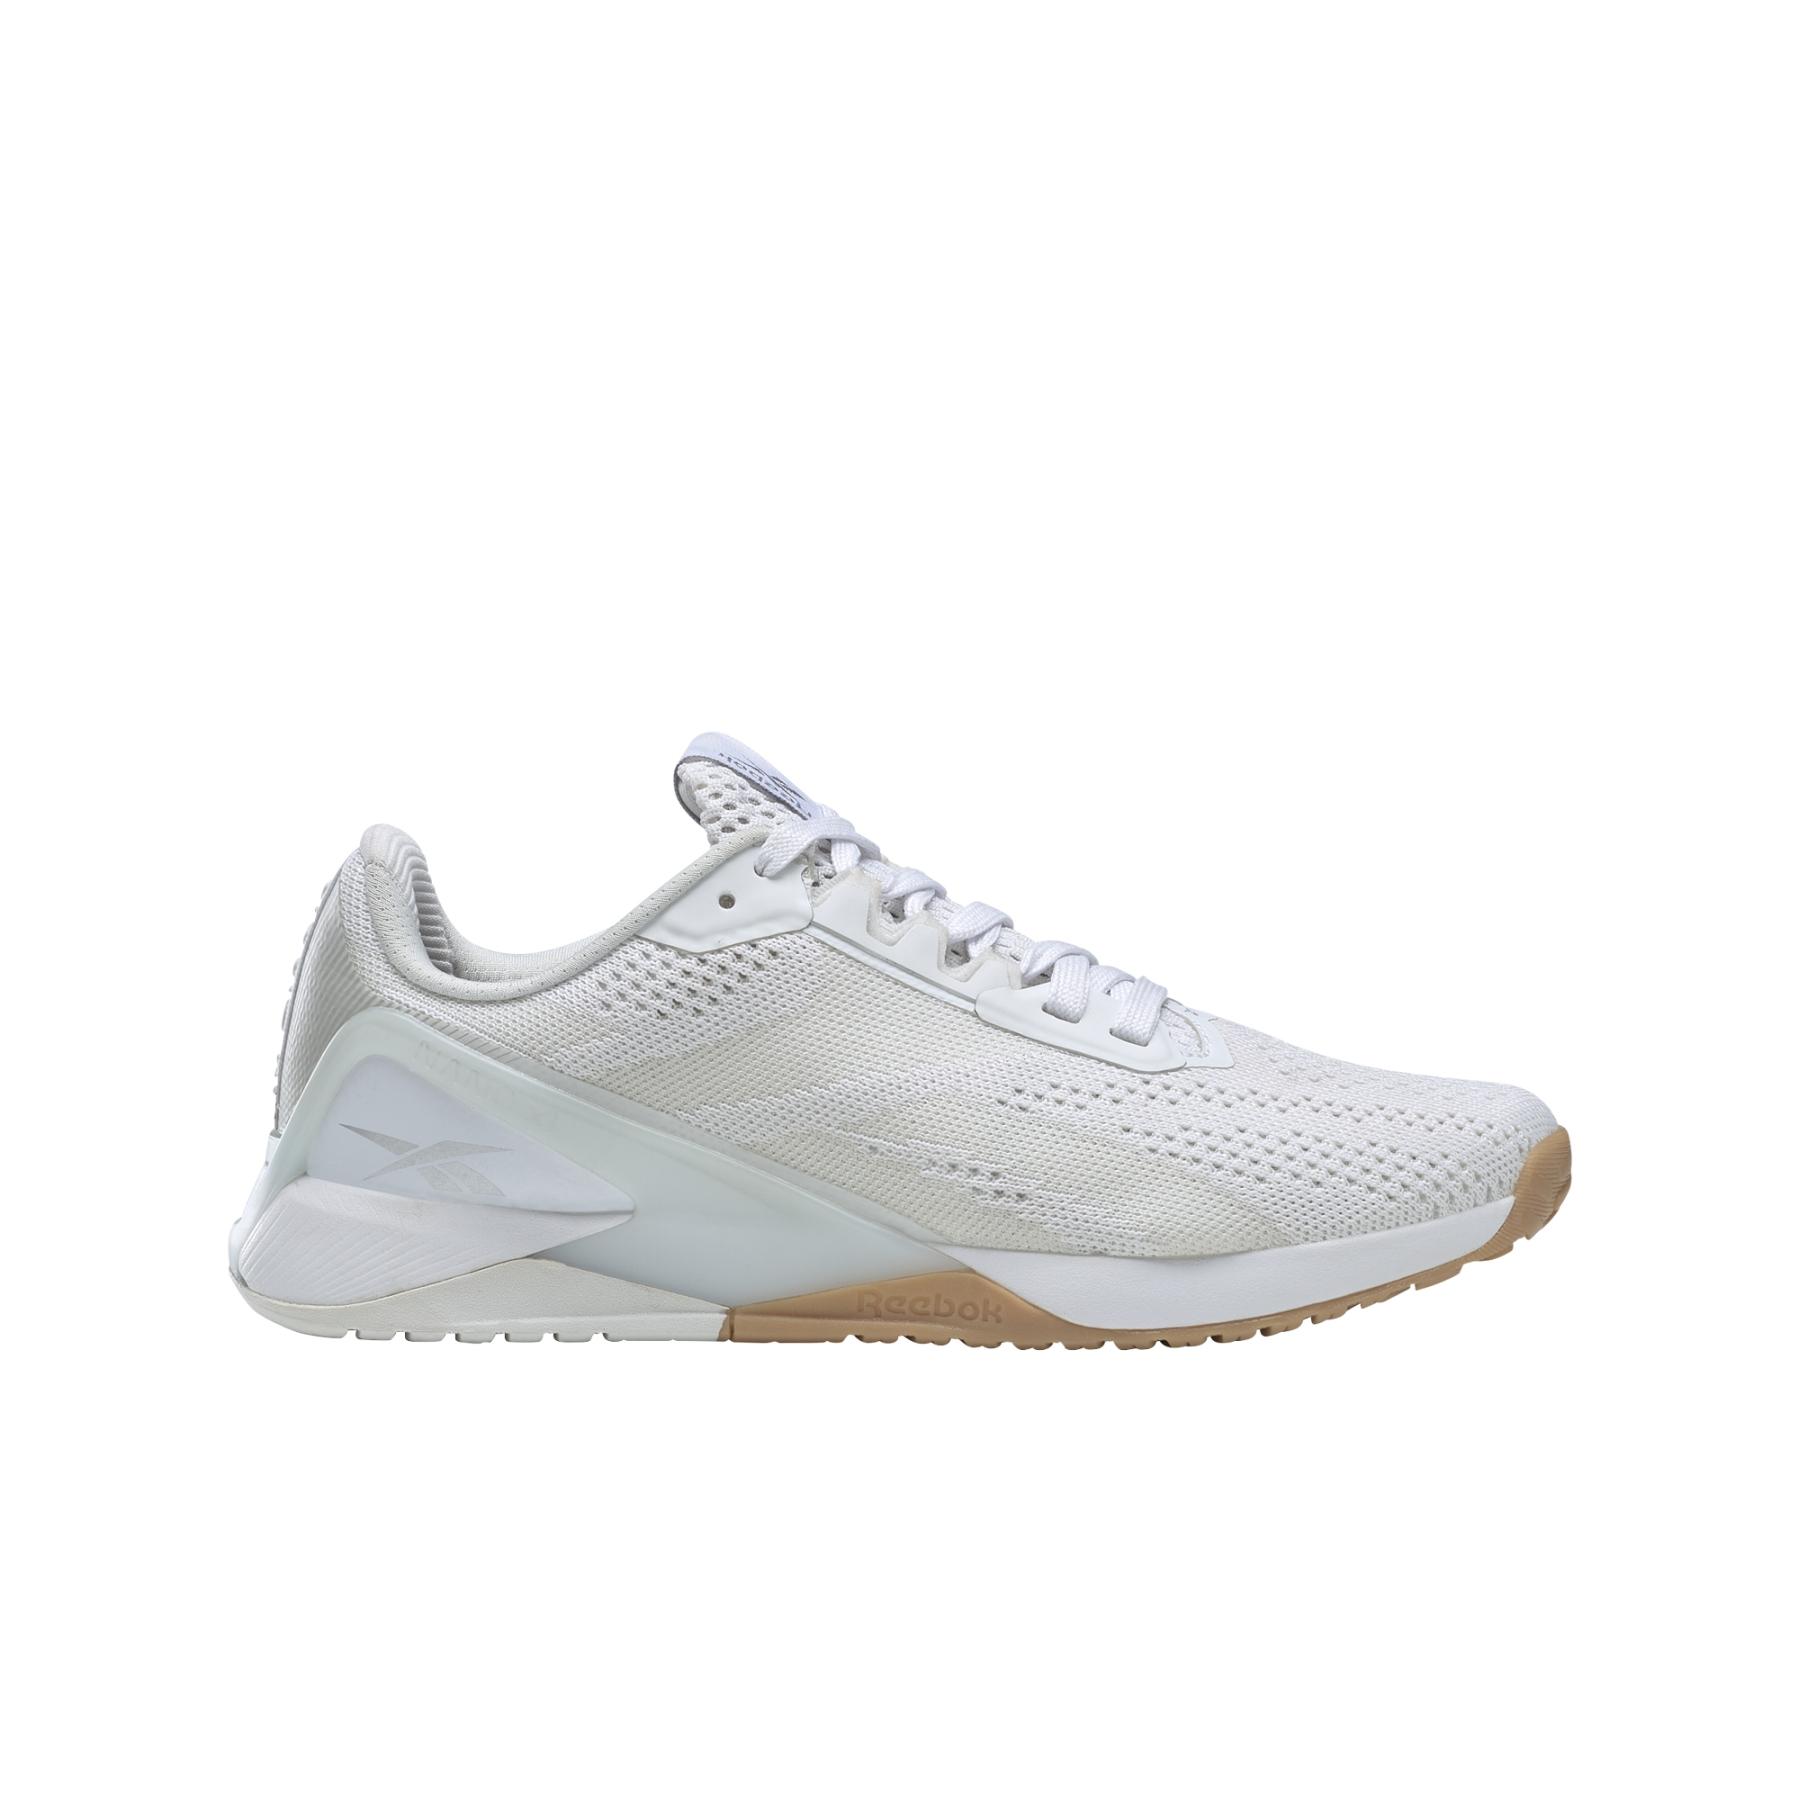 Reebok Nano X1 Zapatillas de entrenamiento para mujer - cloud white/true grey/reebok rubber gum-01 FZ0636